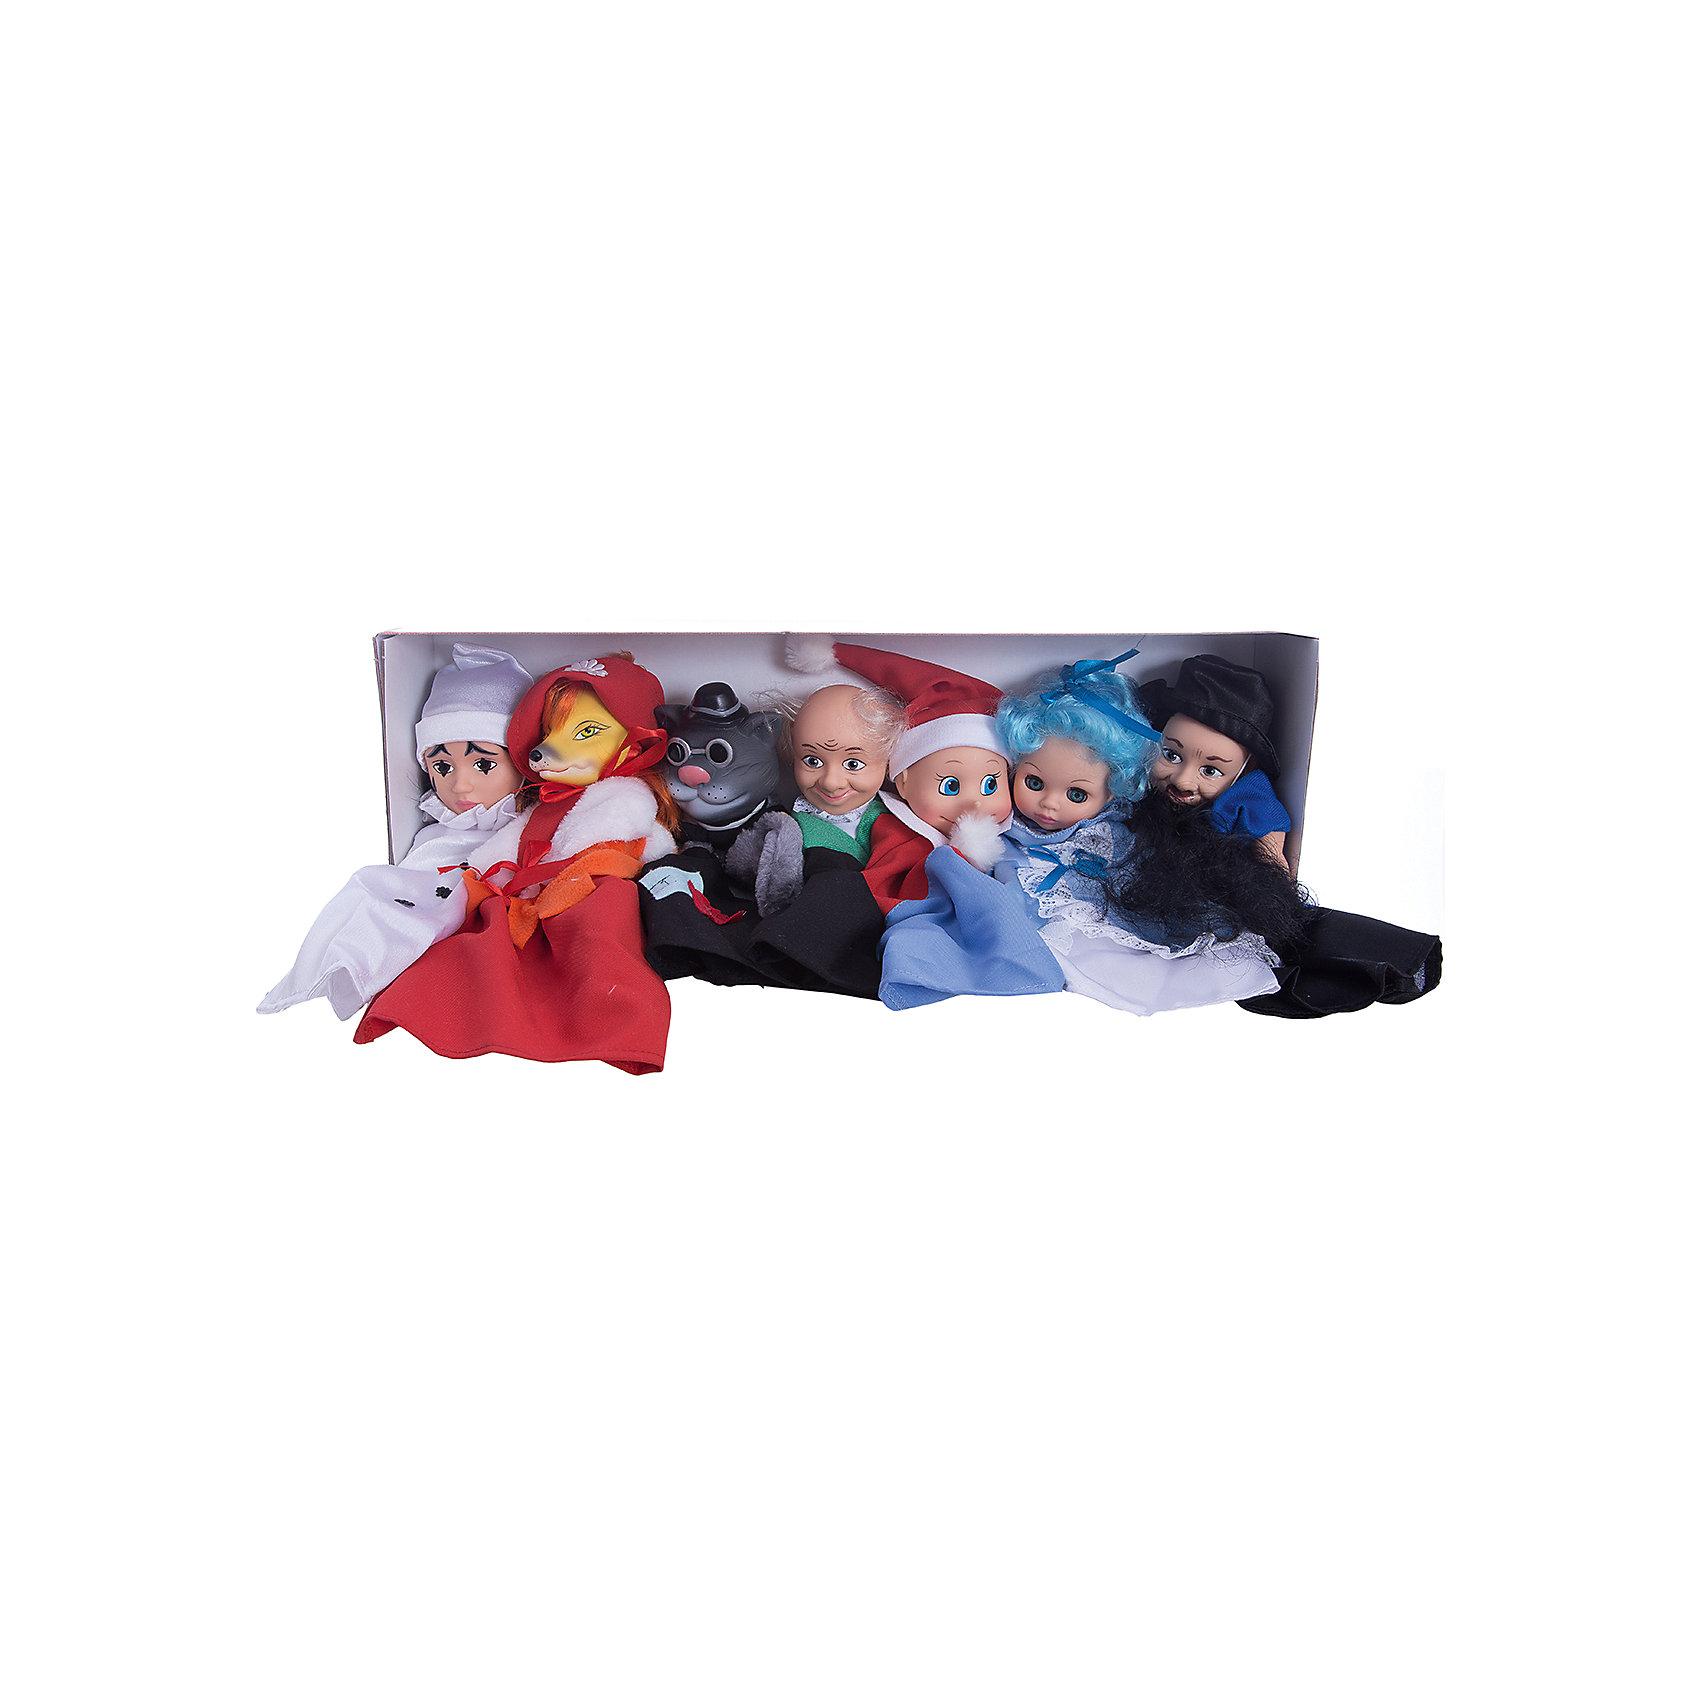 Кукольный театр по сказкам №1, ВеснаМягкие игрушки на руку<br>Кукольный театр по сказкам №1, Весна<br><br>Характеристики:<br><br>• перчаточные куклы для кукольного спектакля<br>• по мотивам сказки А. Толстого Буратино<br>• в комплекте: 7 кукол<br>• материал: пластик, текстиль<br>• размер упаковки: 52,7х10,2х18,6 см<br>• вес: 1,27 кг<br><br>Набор №1 создан по мотивам всеми любимых Приключений Буратино. В комплект входят 7 перчаточных кукол, главных персонажей сказки. Наденьте их на пальце и покажите ребенку интересный спектакль. Дети постарше смогут справиться с этой задачей сами, а может даже придумают новую историю про главных героев. Это поможет развить воображение, творческие способности и память.<br><br>Кукольный театр по сказкам №1, Весна вы можете купить в нашем интернет-магазине.<br><br>Ширина мм: 430<br>Глубина мм: 350<br>Высота мм: 95<br>Вес г: 1280<br>Возраст от месяцев: 36<br>Возраст до месяцев: 144<br>Пол: Женский<br>Возраст: Детский<br>SKU: 4896503